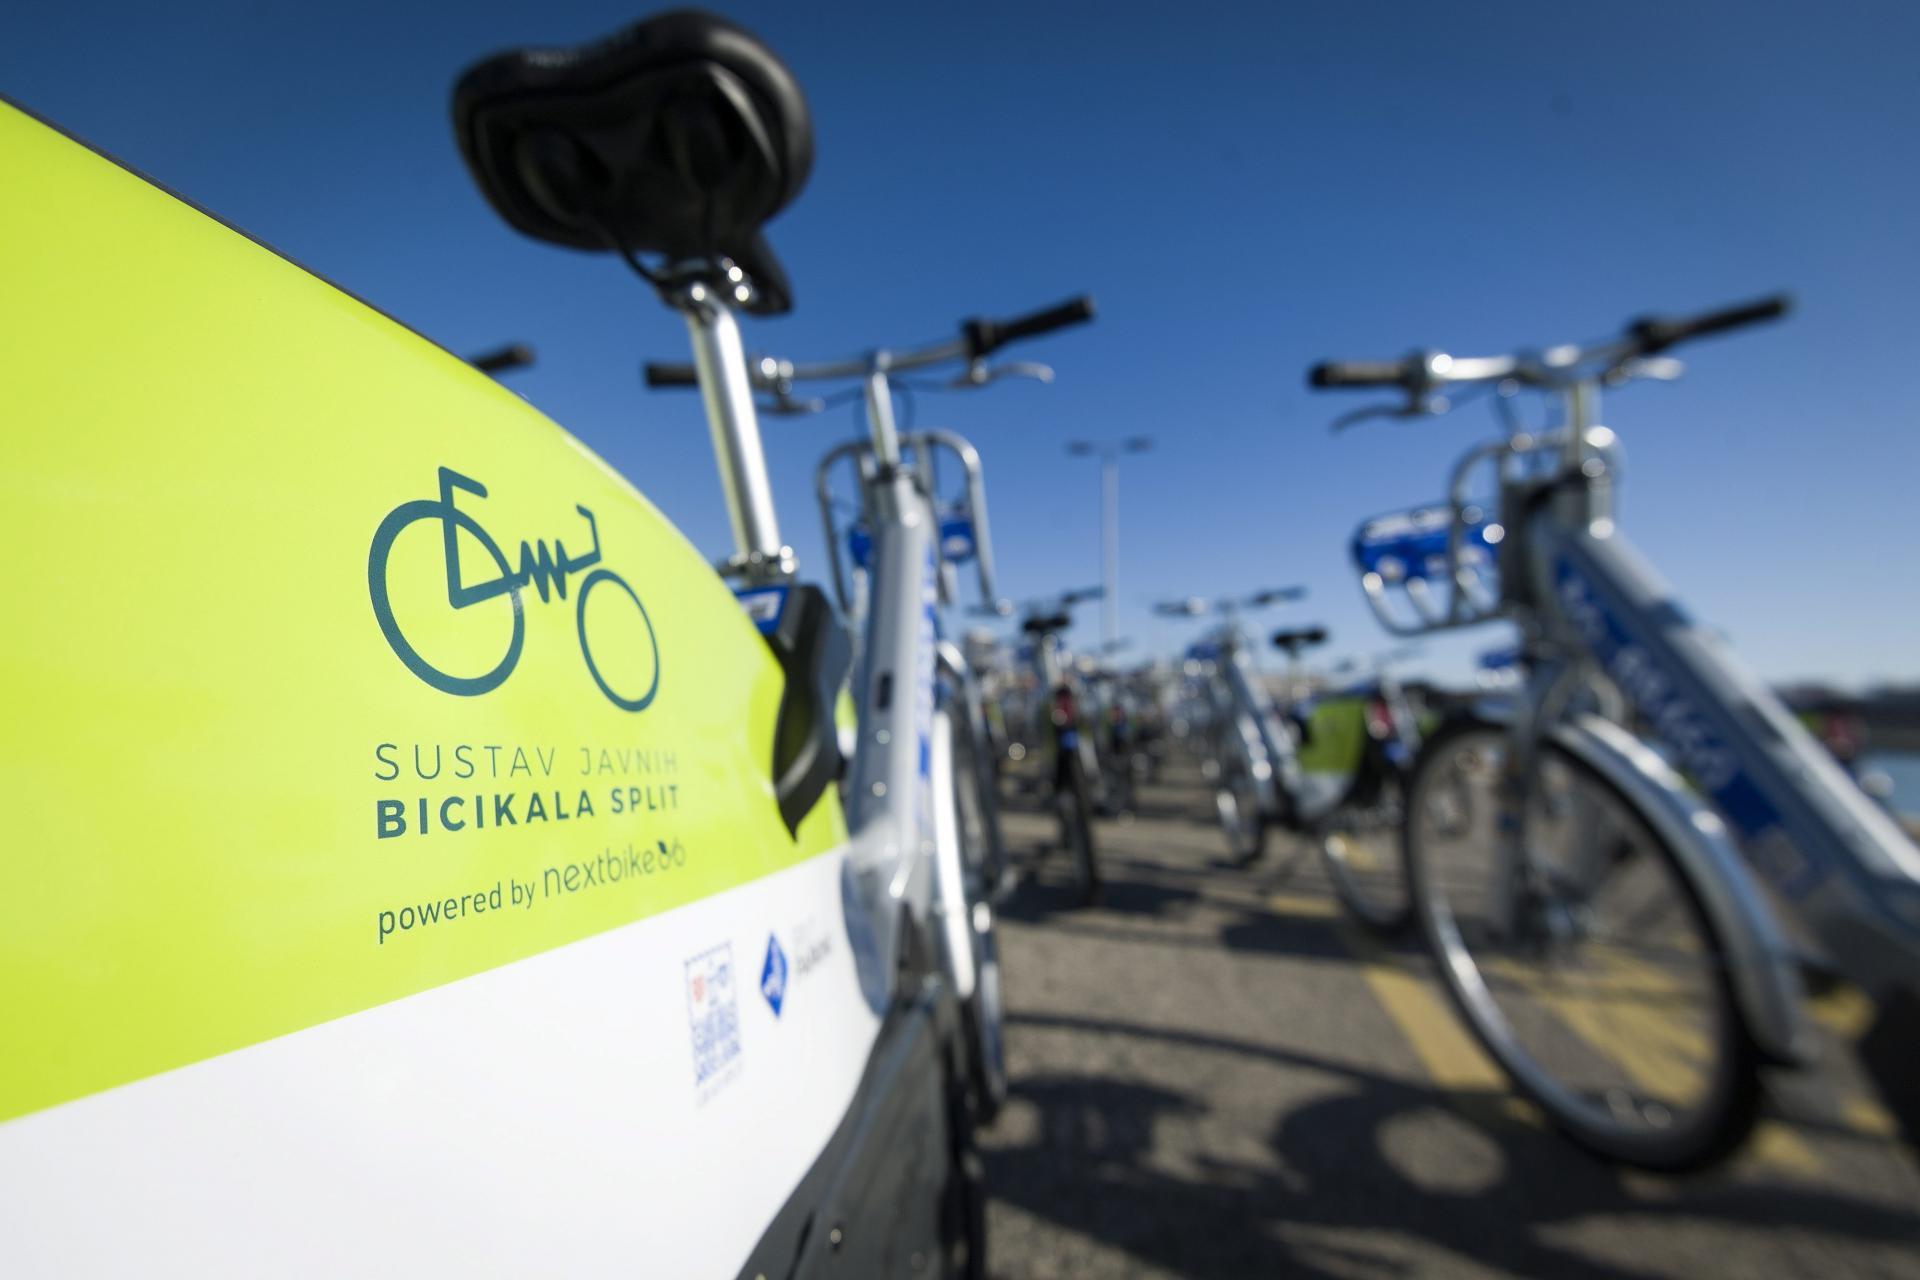 Javna bicikla koju je netko nepoznat ukrao 'Split parking' pronađena je potpuno uništena. Istraga traje, a šteta je par tisuća kuna